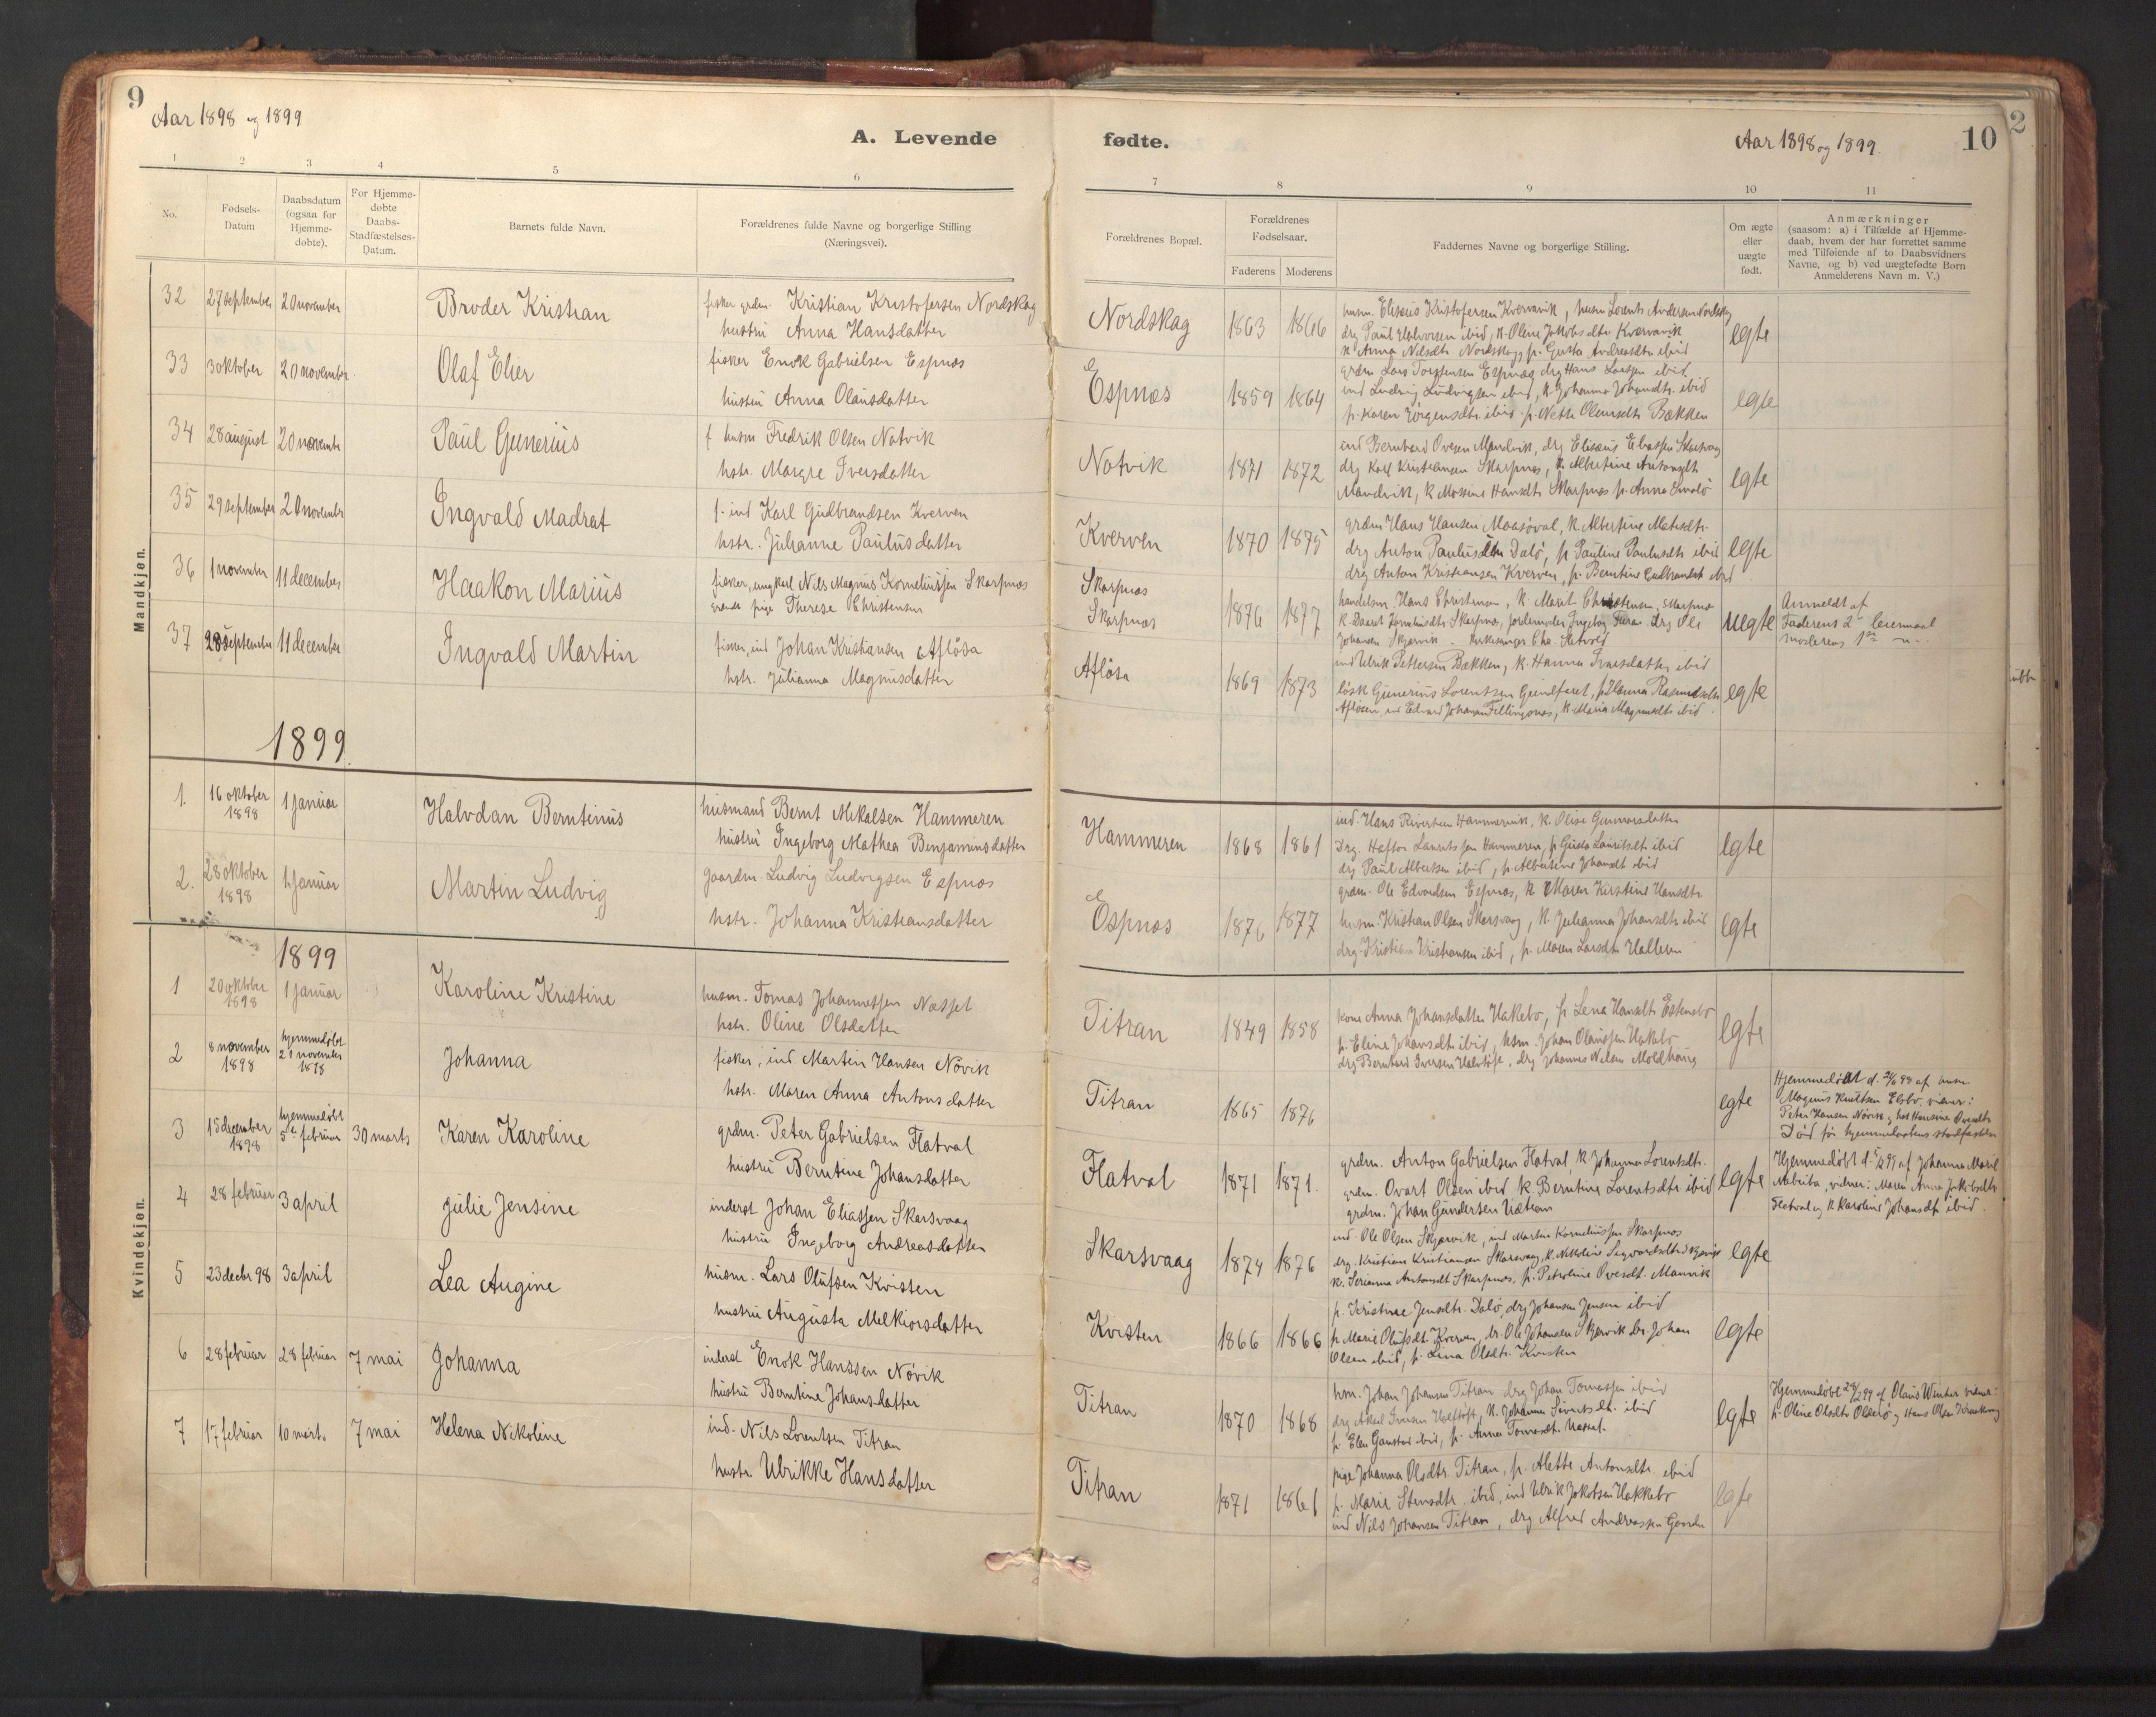 SAT, Ministerialprotokoller, klokkerbøker og fødselsregistre - Sør-Trøndelag, 641/L0596: Ministerialbok nr. 641A02, 1898-1915, s. 9-10